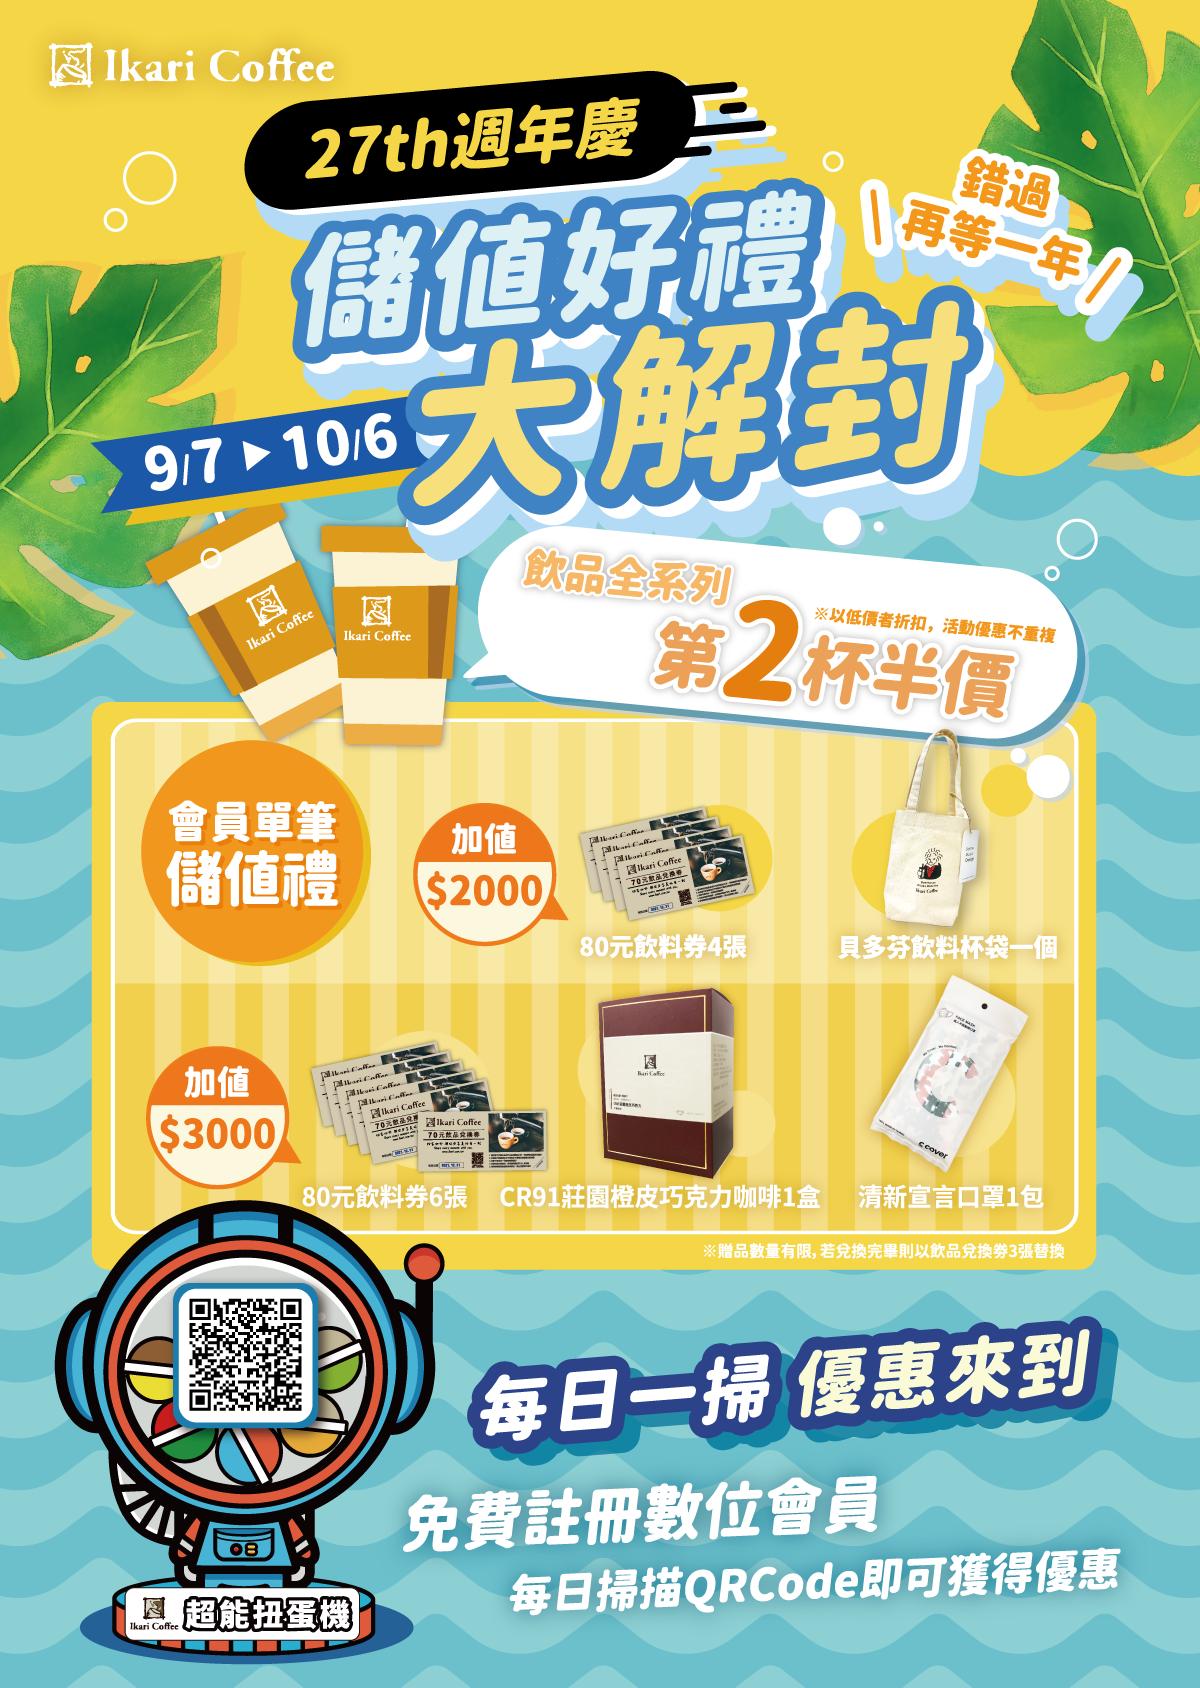 怡客咖啡 Ikari Coffee 》27th週年慶!儲值好禮大解封!【2021/10/6 止】